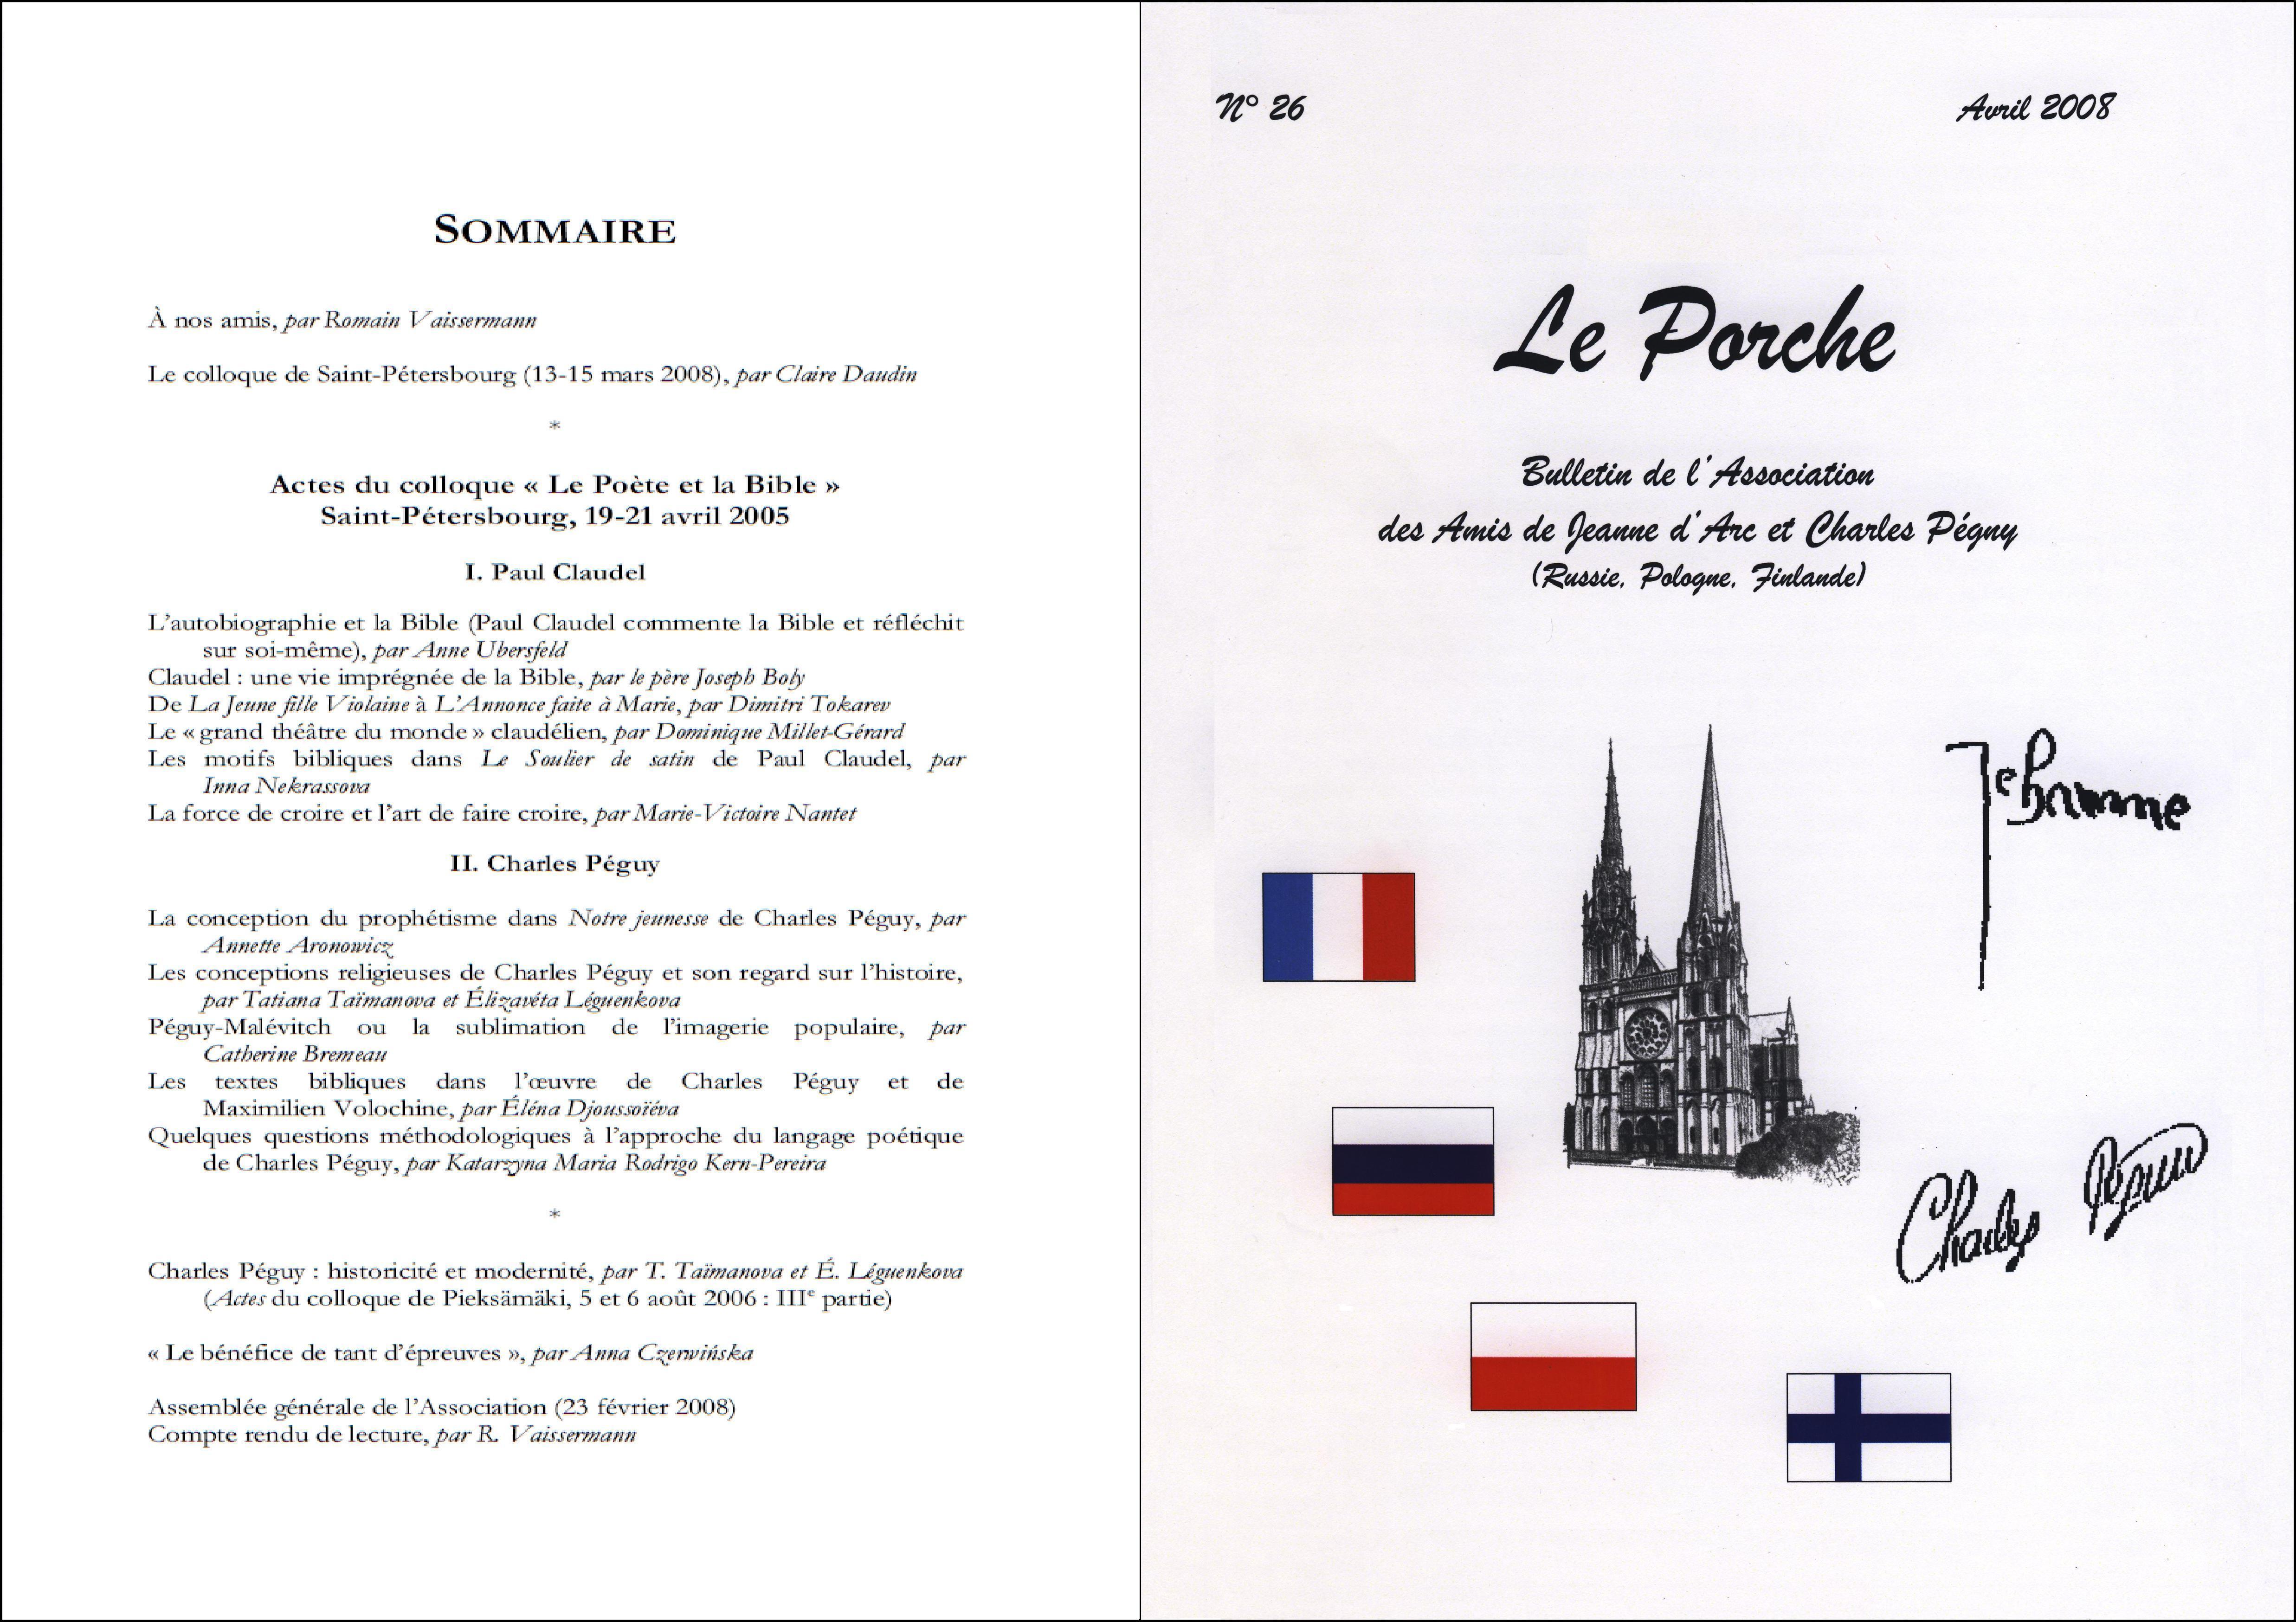 Colloque de Saint-Pétersbourg, vol. I, 140 exemplaires